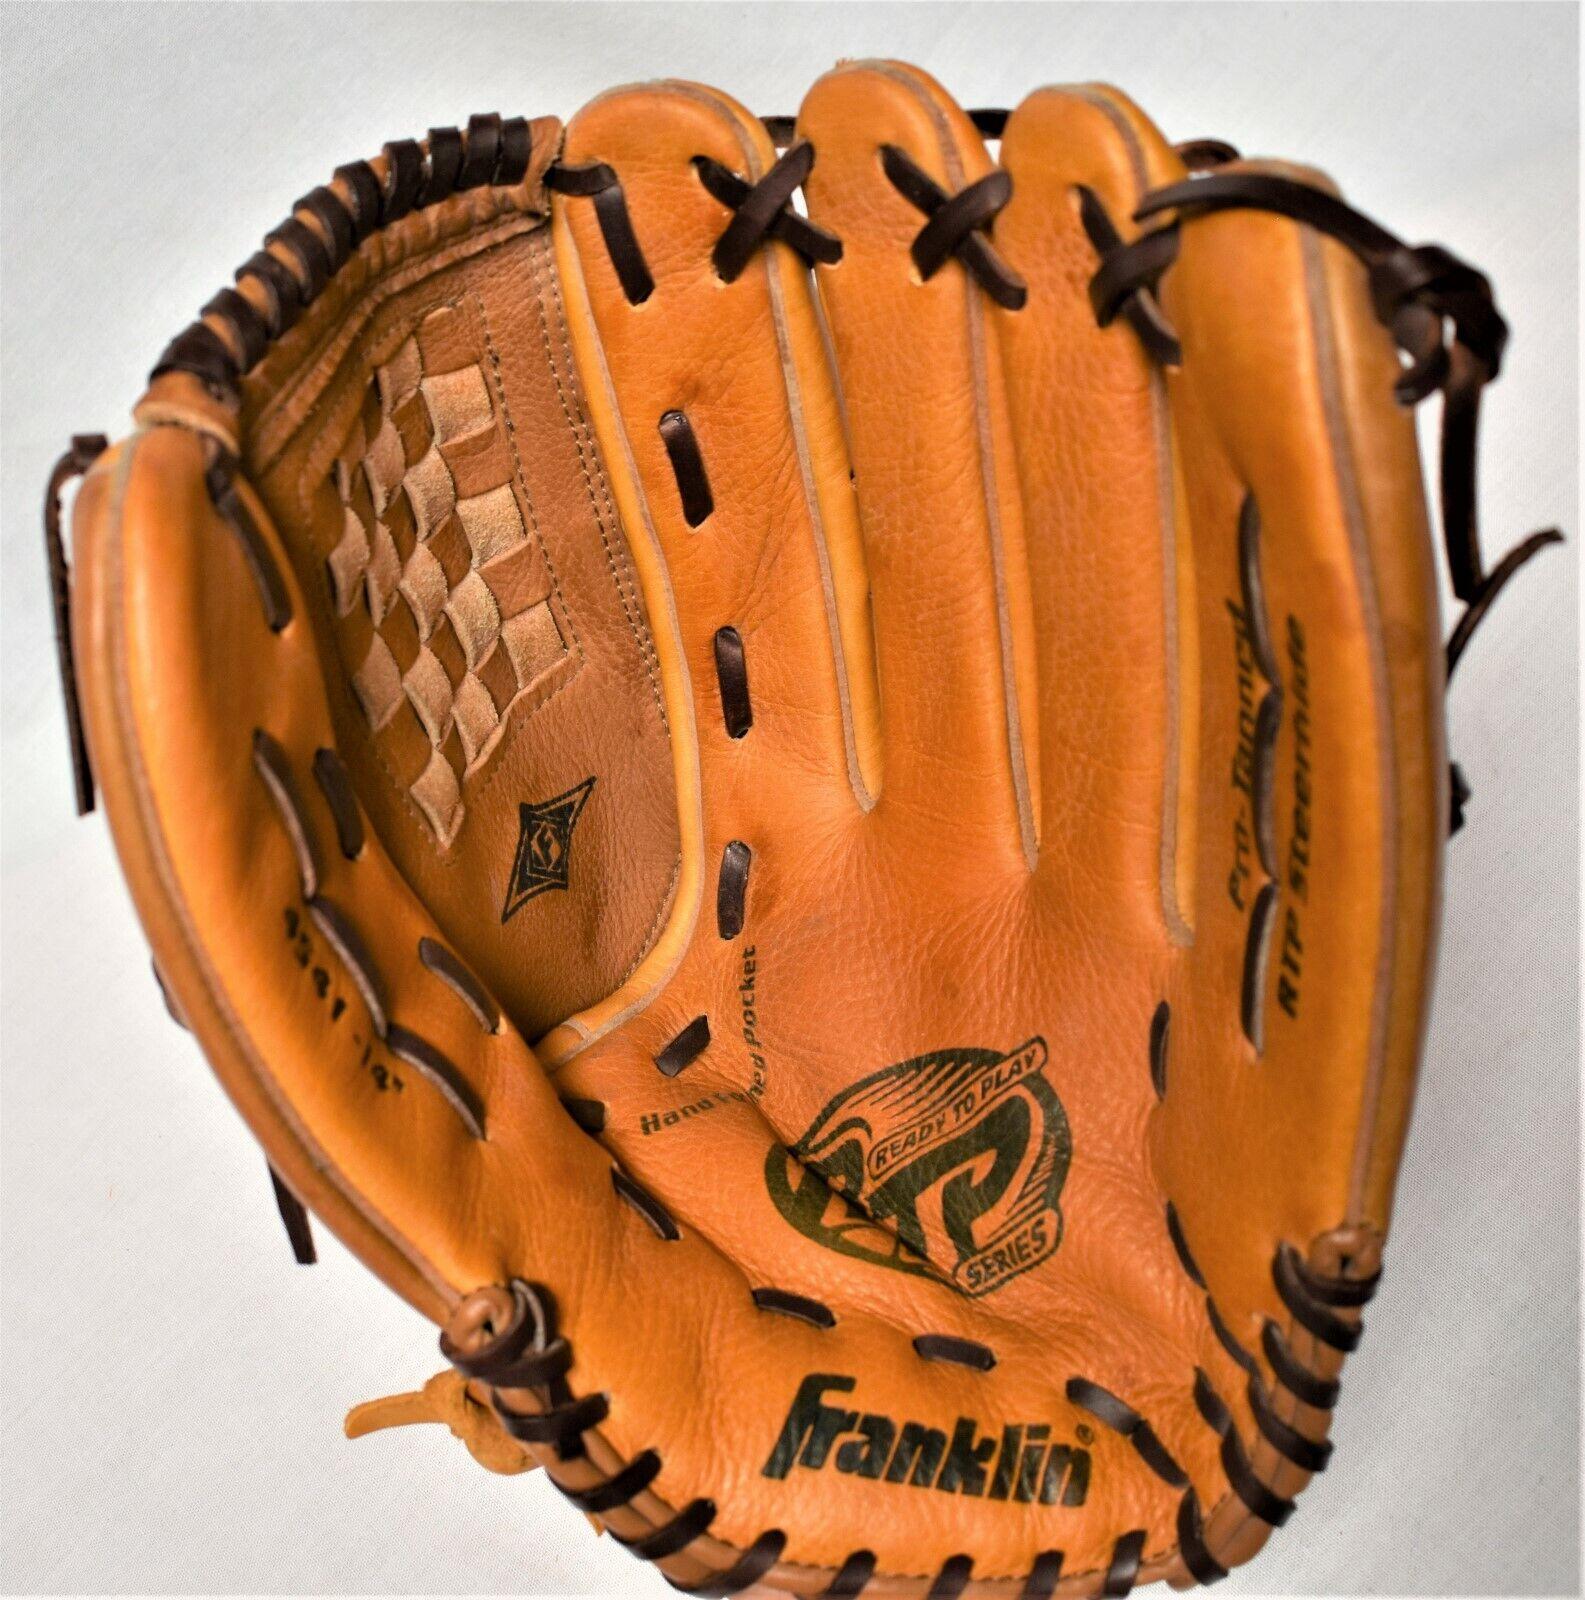 Franklin Softbol RTP Series 4541 - 14  steerhide Guante de béisbol Mano Derecha lanzador Excelente